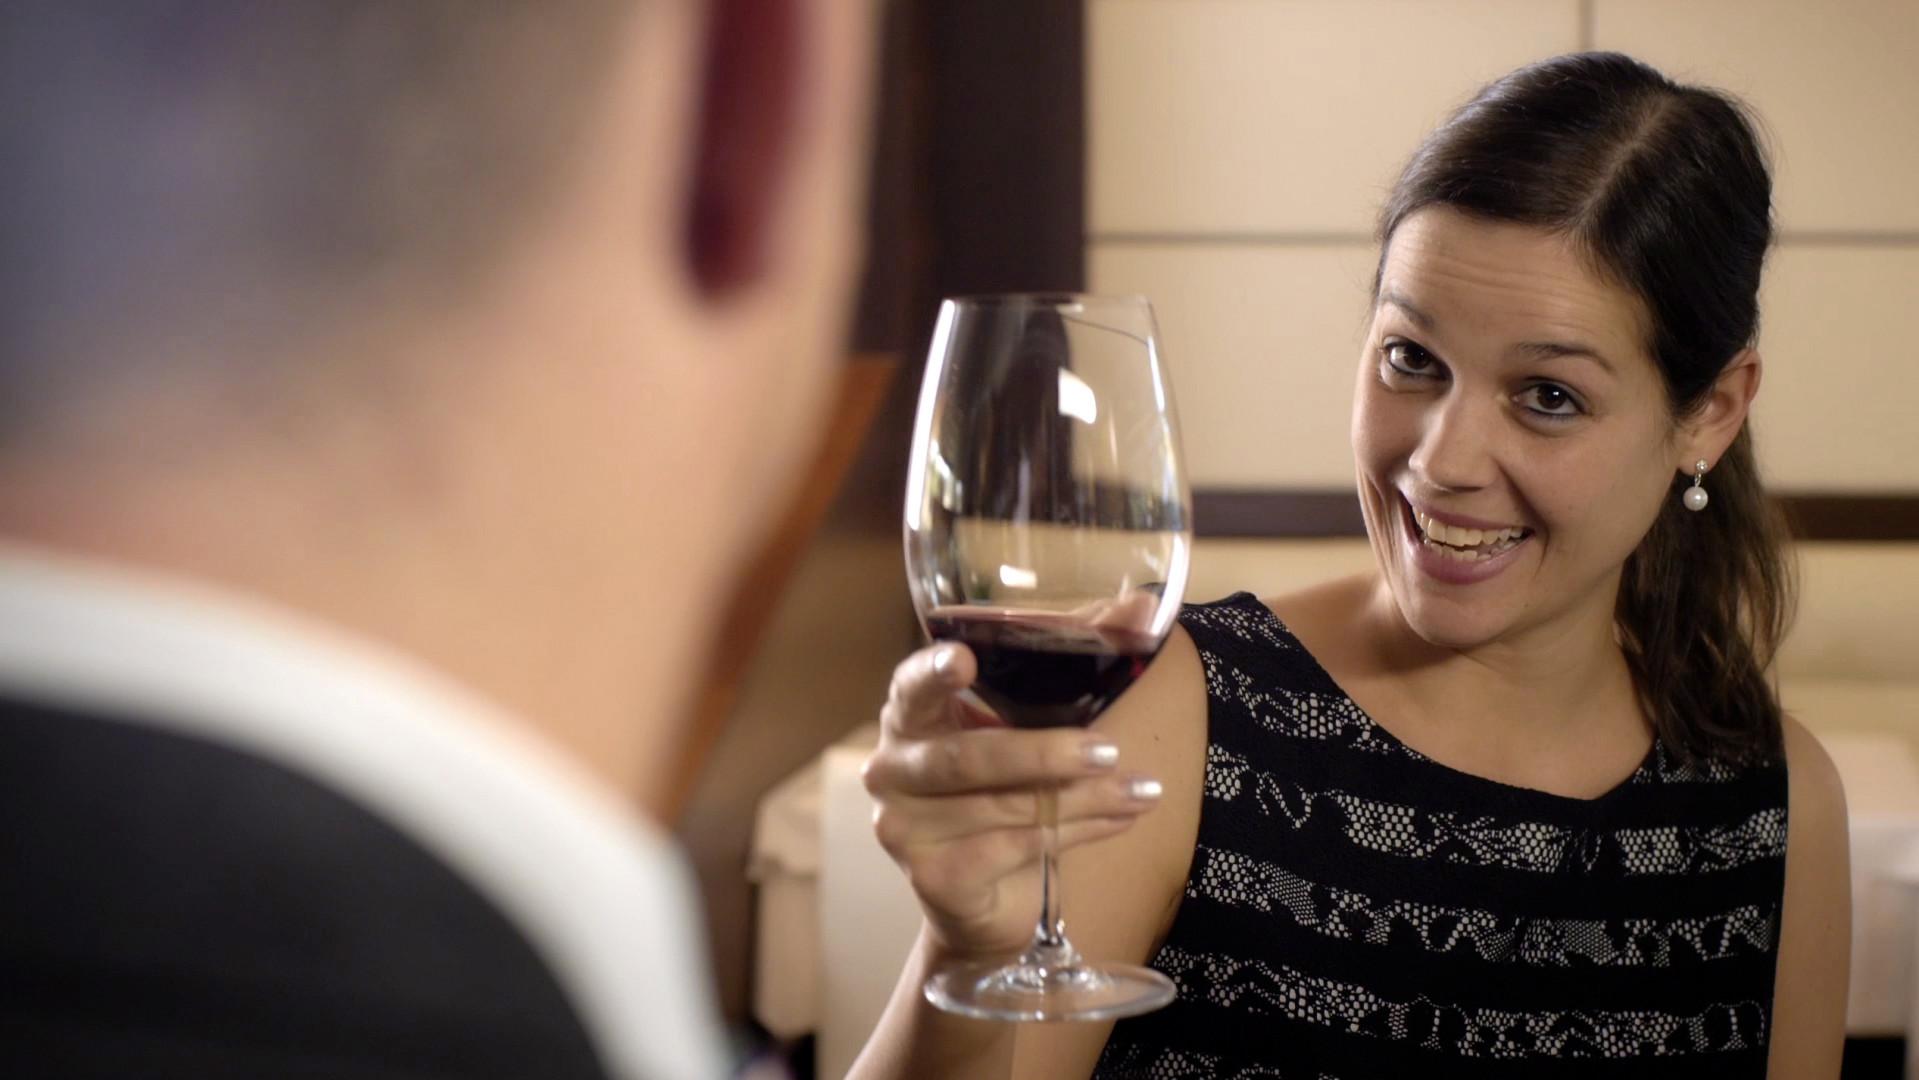 Mann und Frau stossen mit einem Glas Wein an